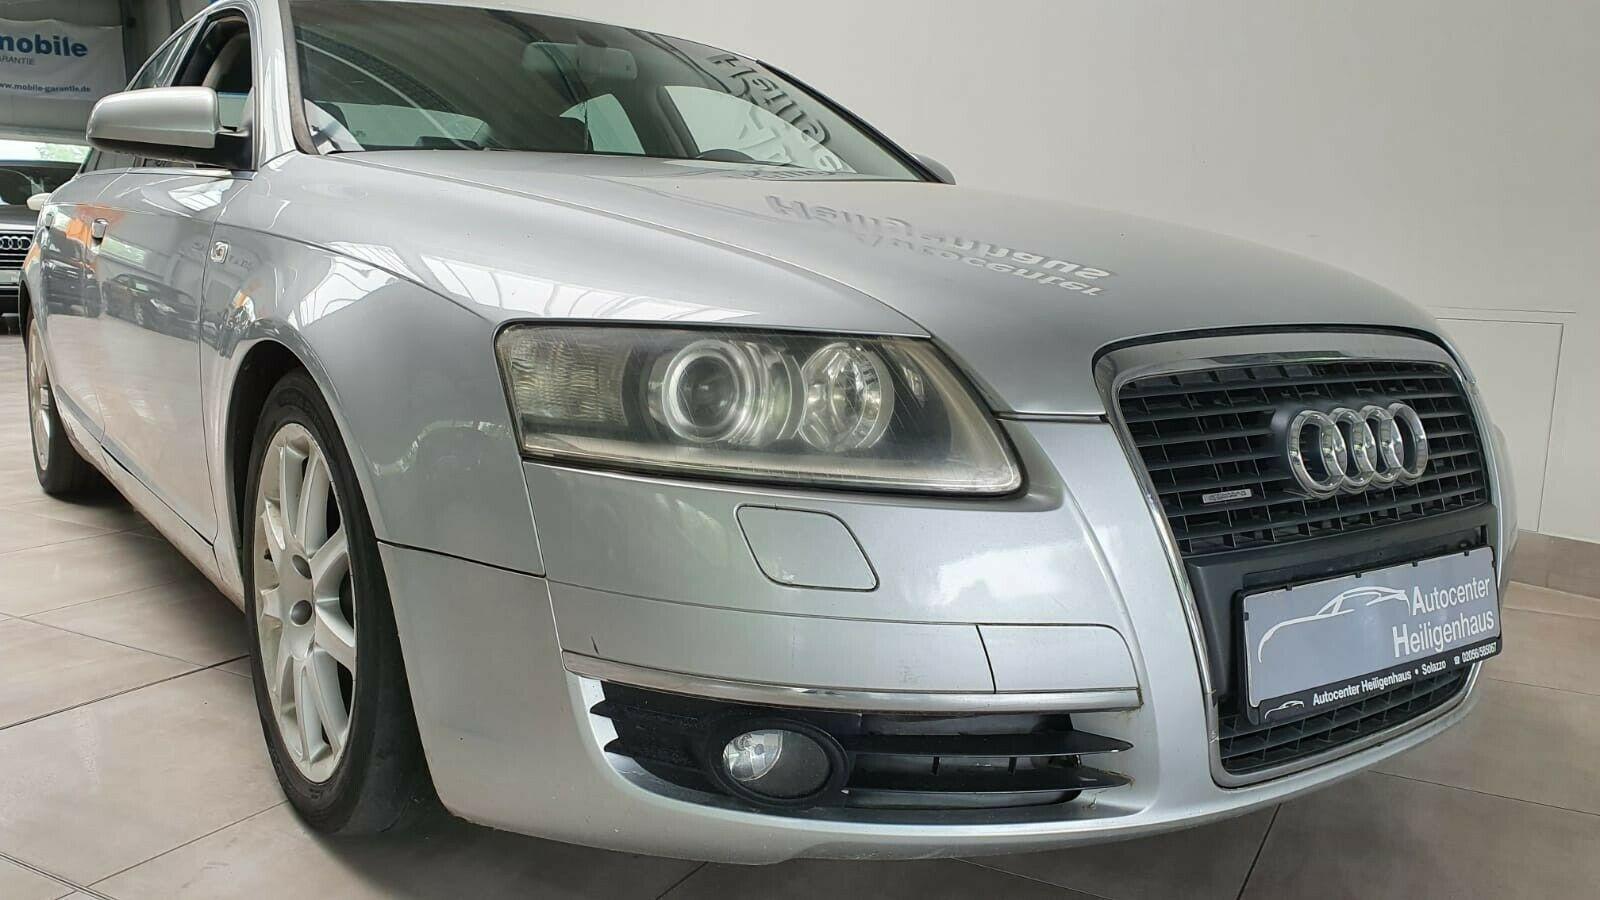 AUDI A6 3.0 TDI V6 Lim quattro Klima Navi Xenon PDC